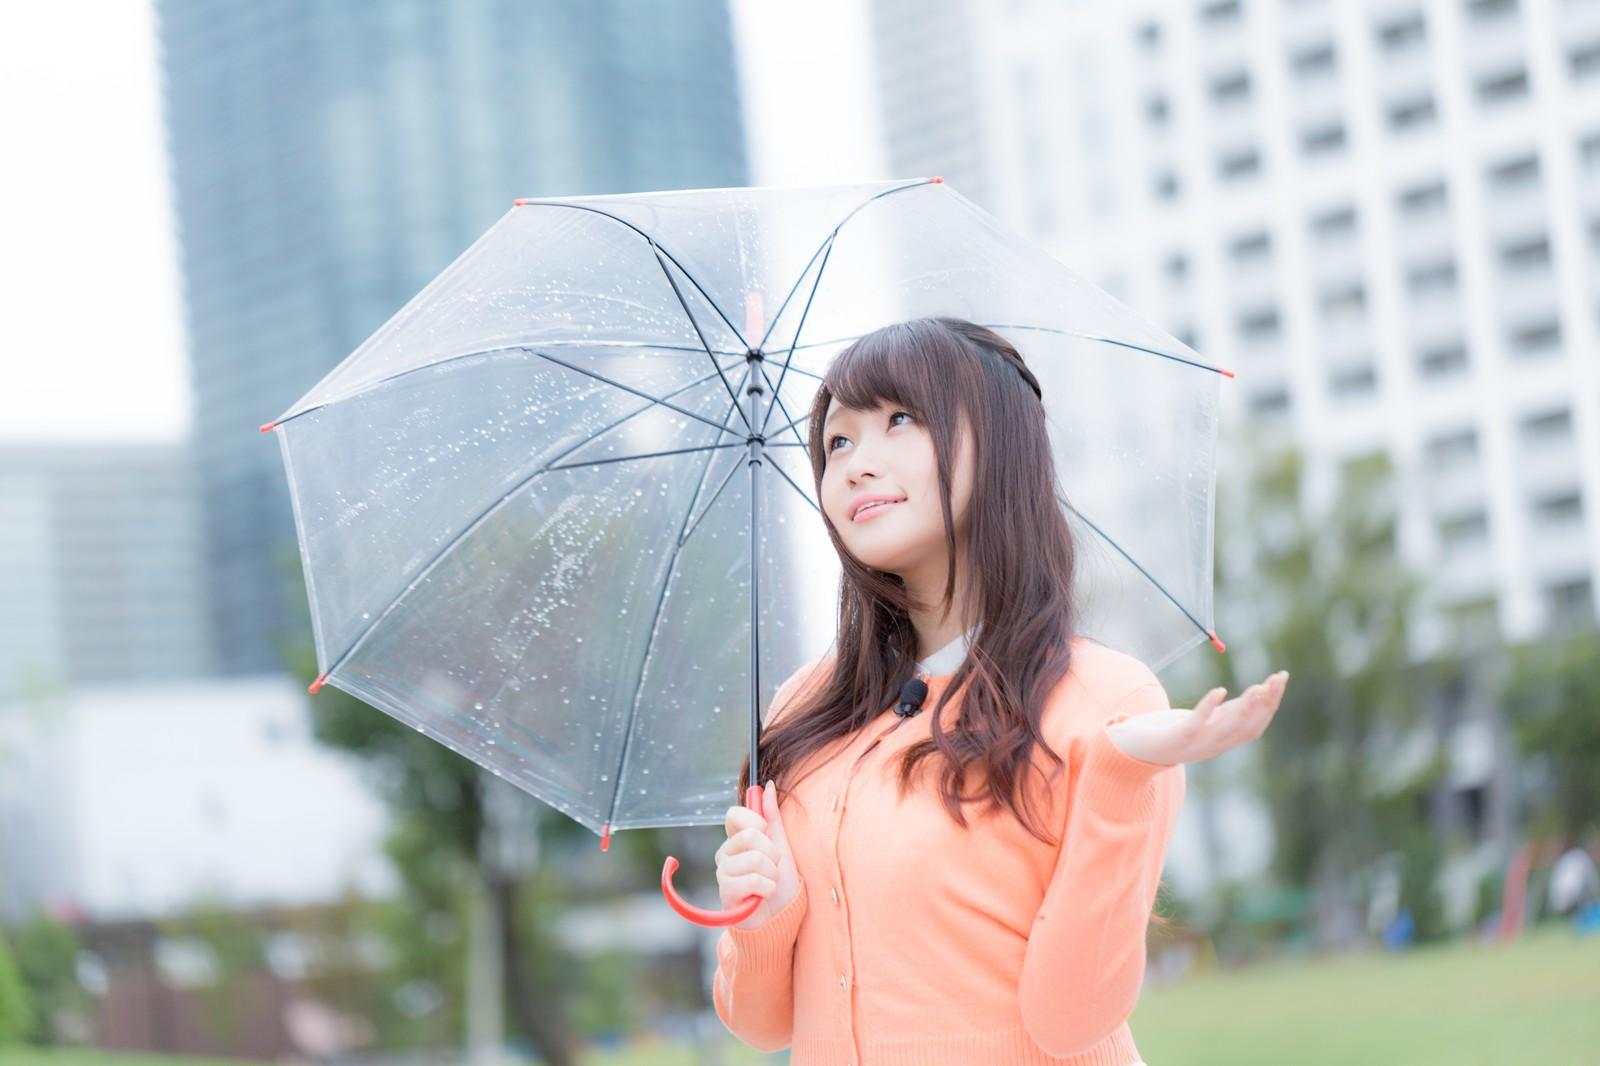 雨じゃなくても行きたい屋内遊び場4選〜都心編〜